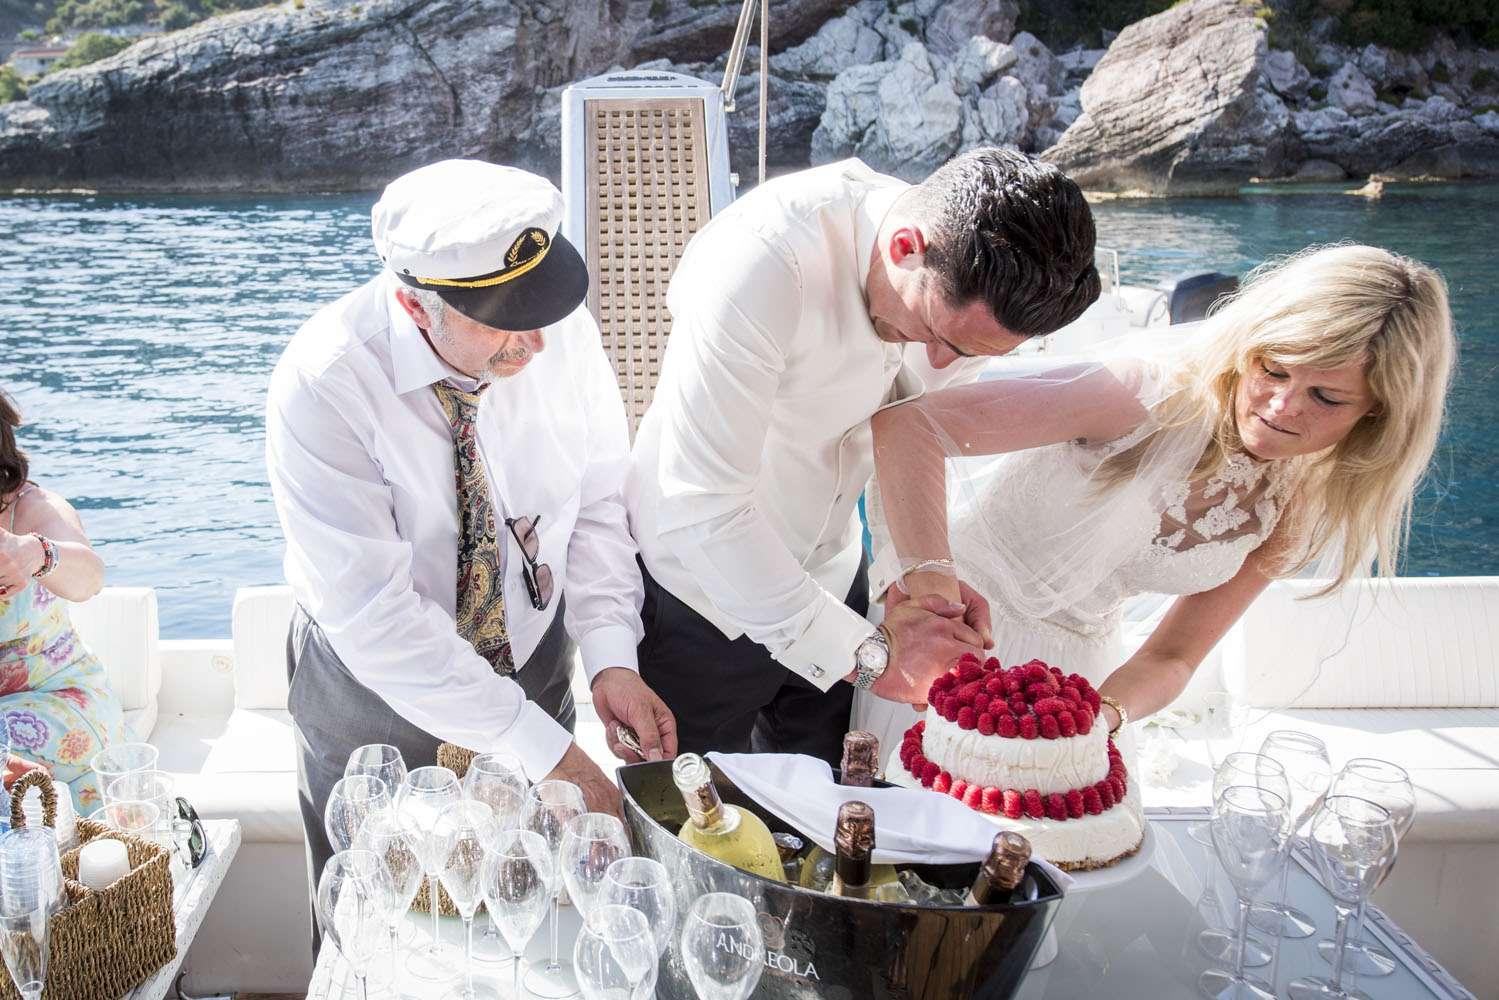 foto matrimonio sicilia